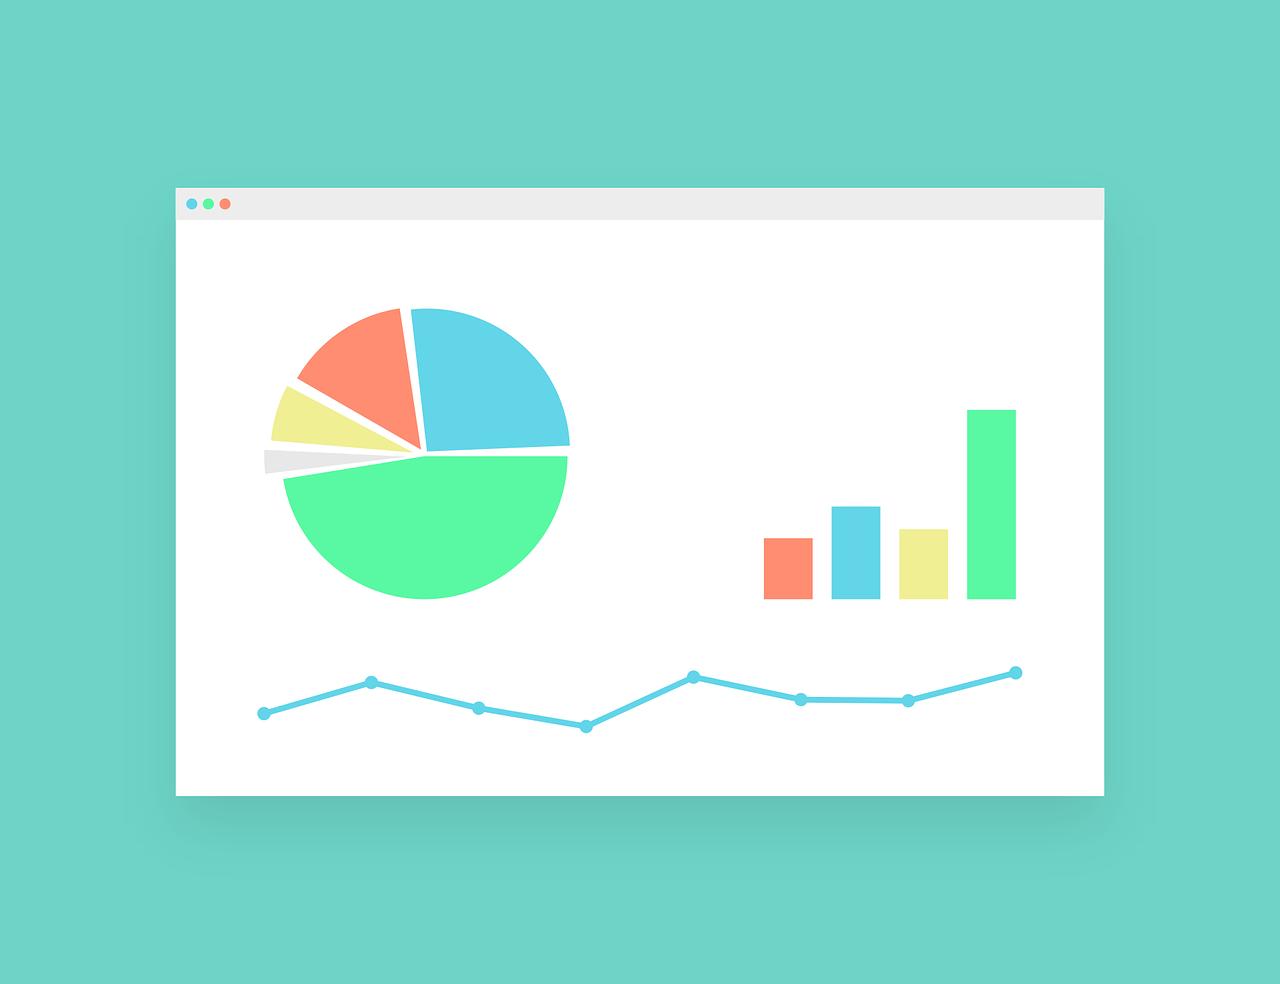 Thurstone scale survey analysis